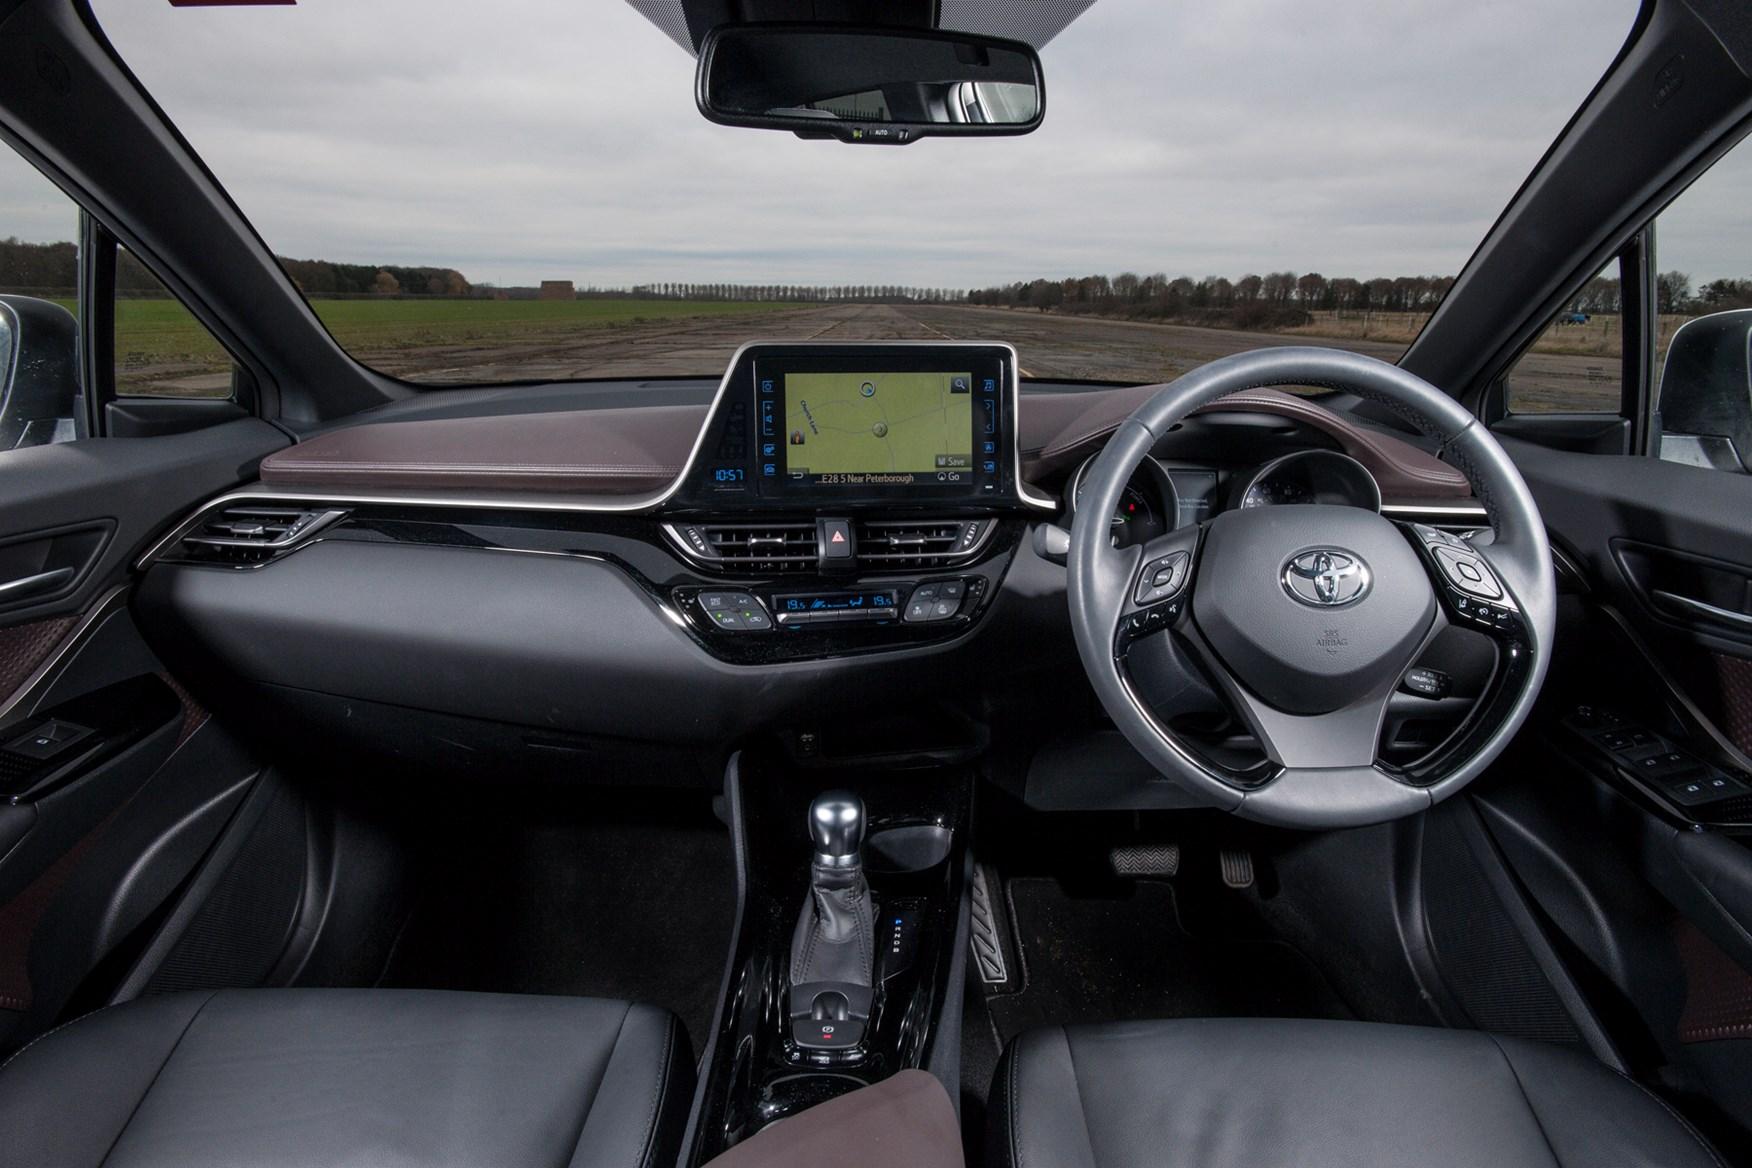 Toyota C-HR's cabin layout